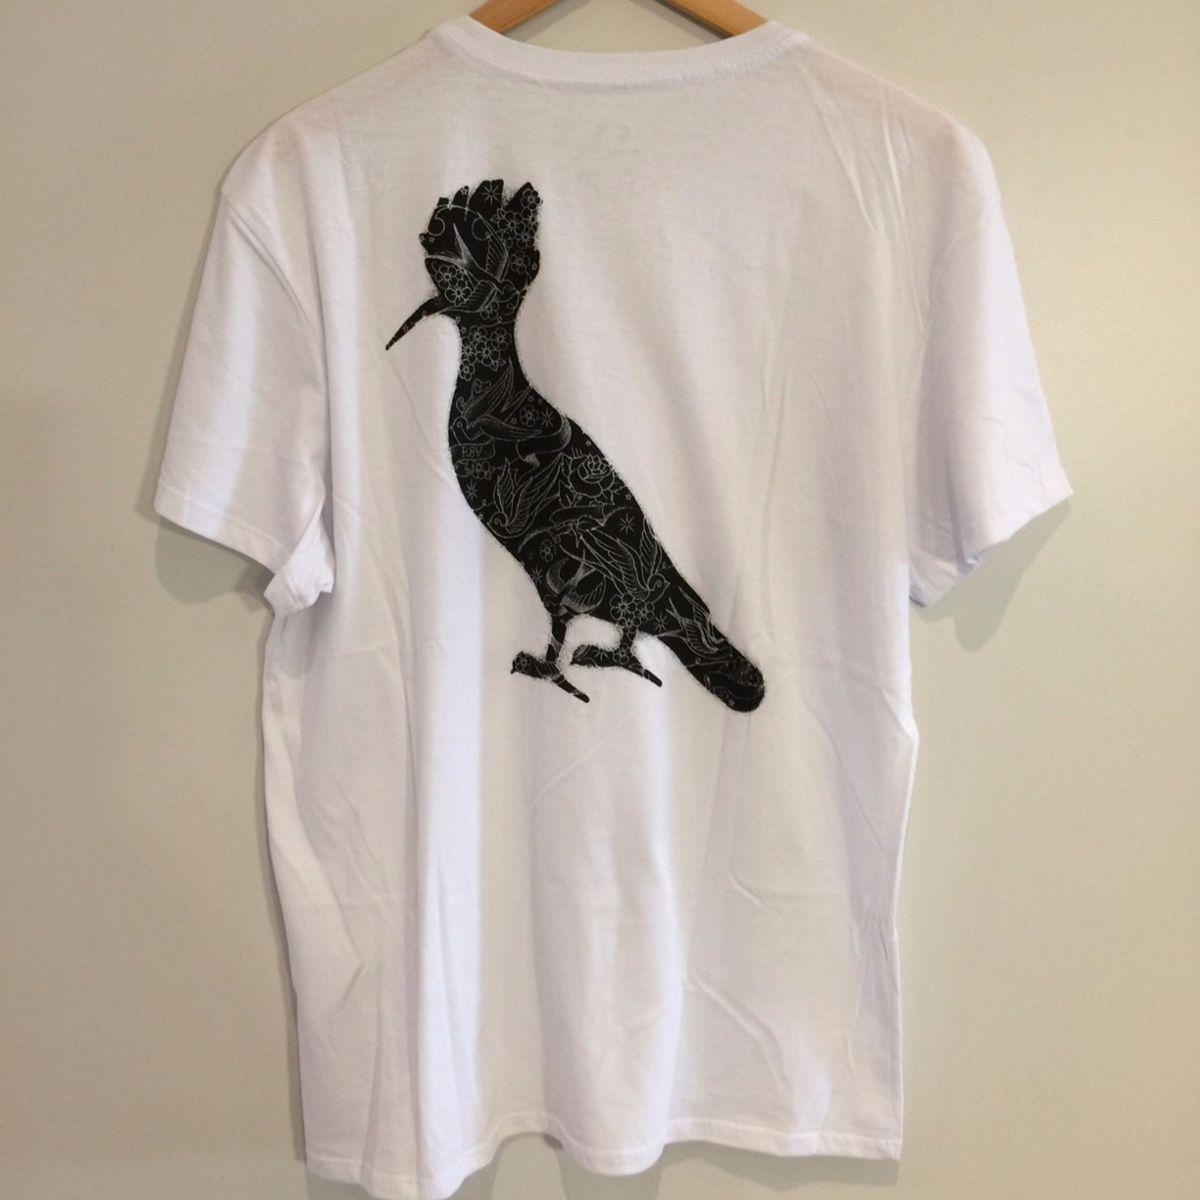 30e803783c camiseta em algodão tattoo - pica pau - g - camisetas reserva